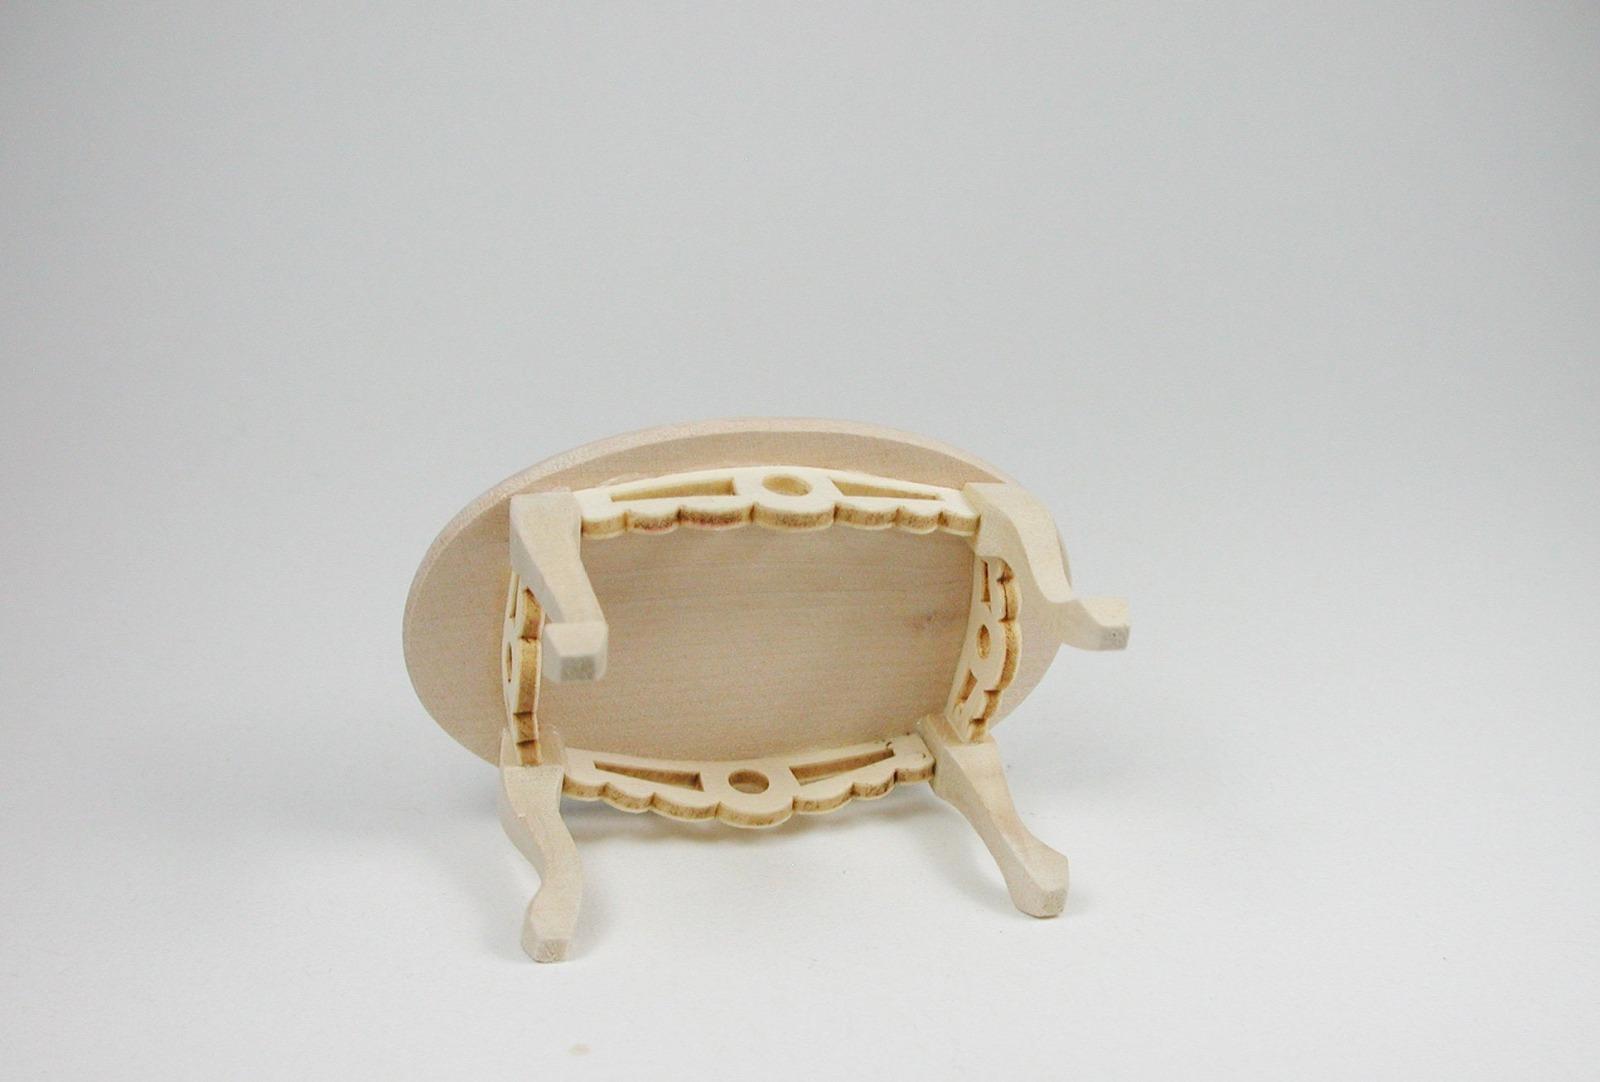 Tisch oval Couchtisch 1:12 Miniatur 3